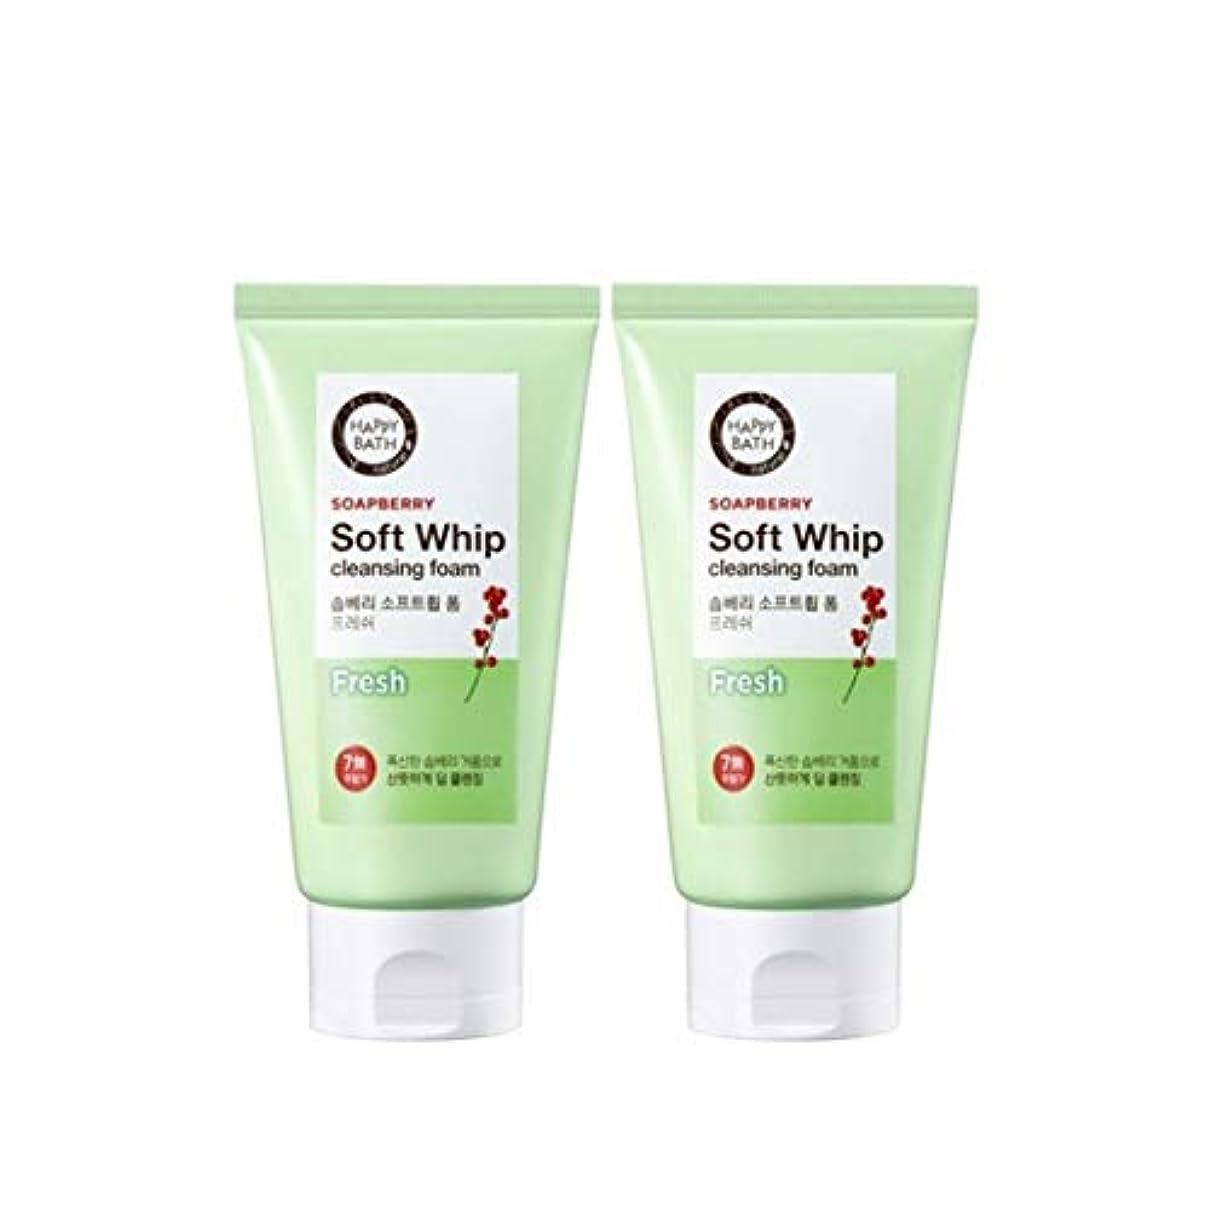 同行するきちんとした韓国語ハッピーバスソープベリーソフトホイップフレッシュクレンジングフォーム150gx2本セット韓国コスメ、Happy Bath Soapberry Soft Whip Fresh Cleansing Foam 150g x 2ea...